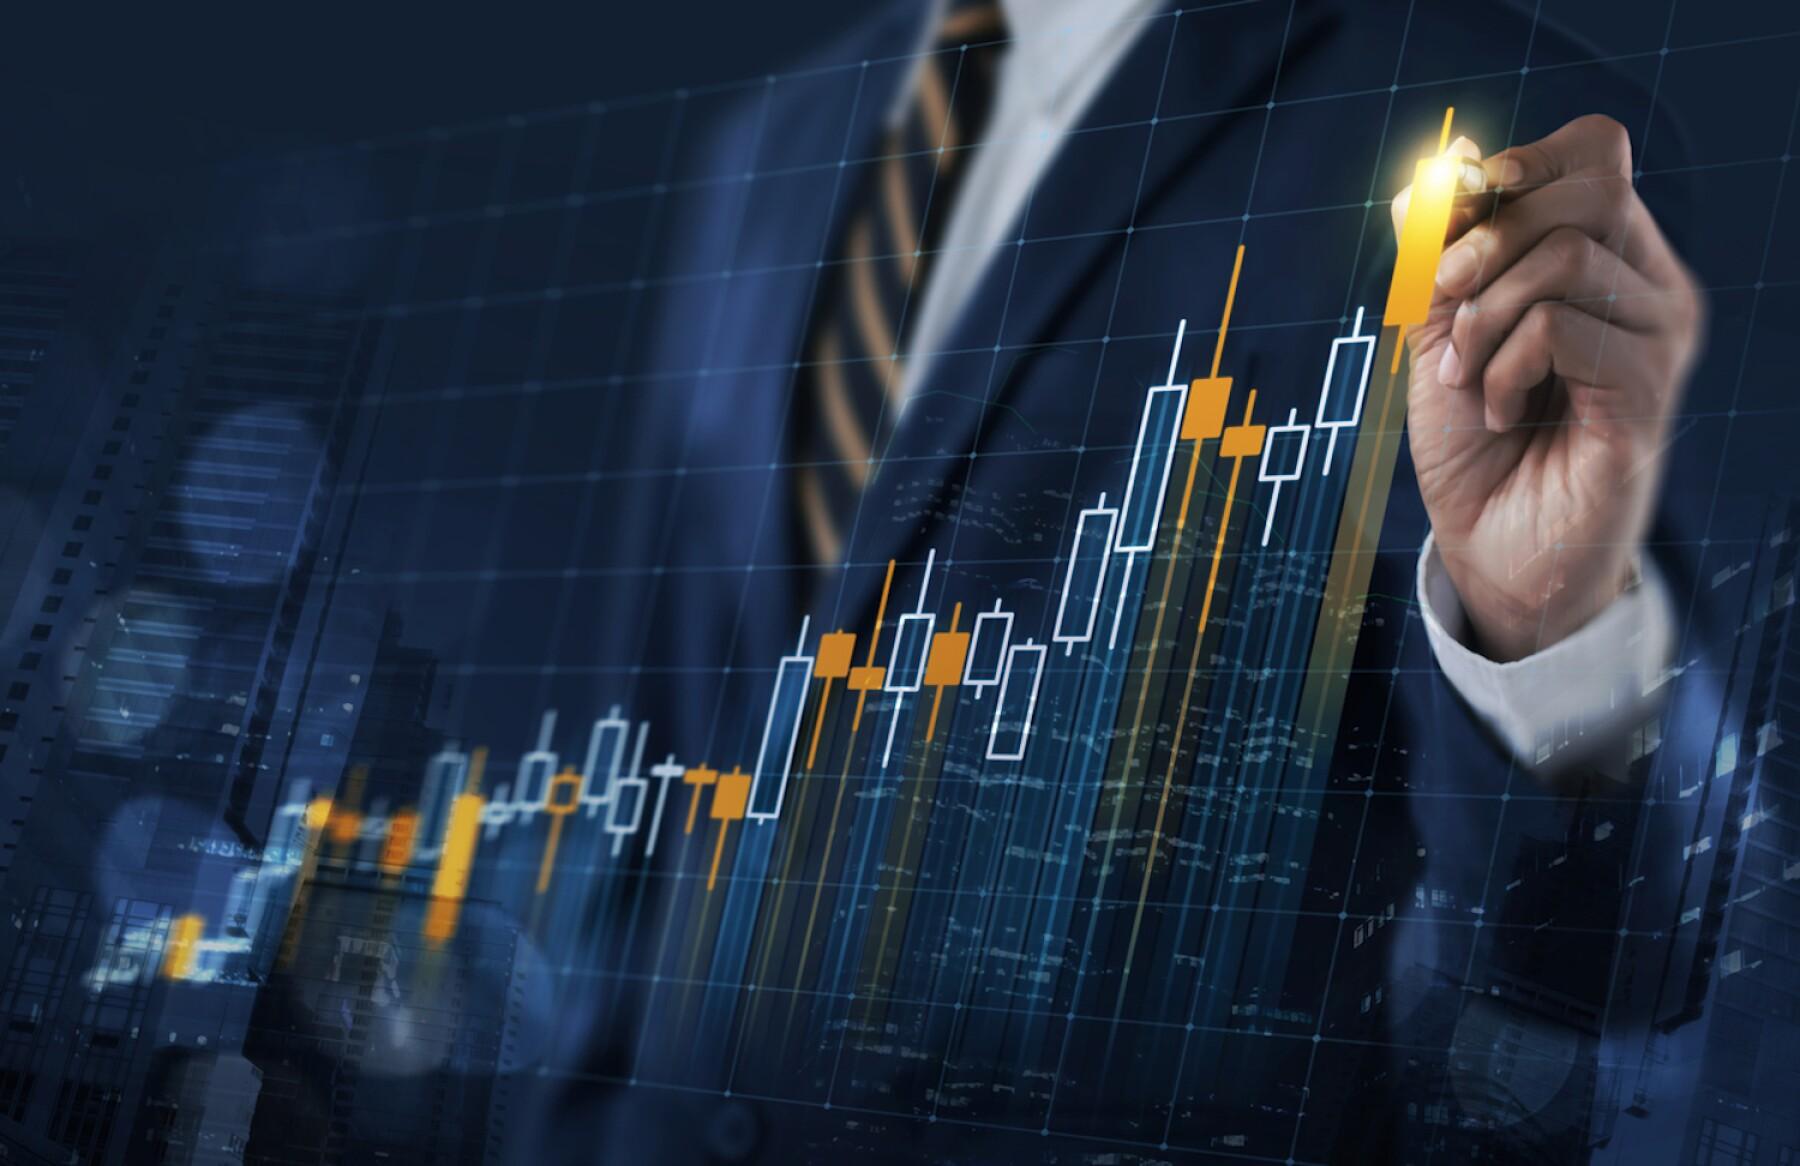 Actividad productiva - crecimiento - empresas - negocios - crecimiento